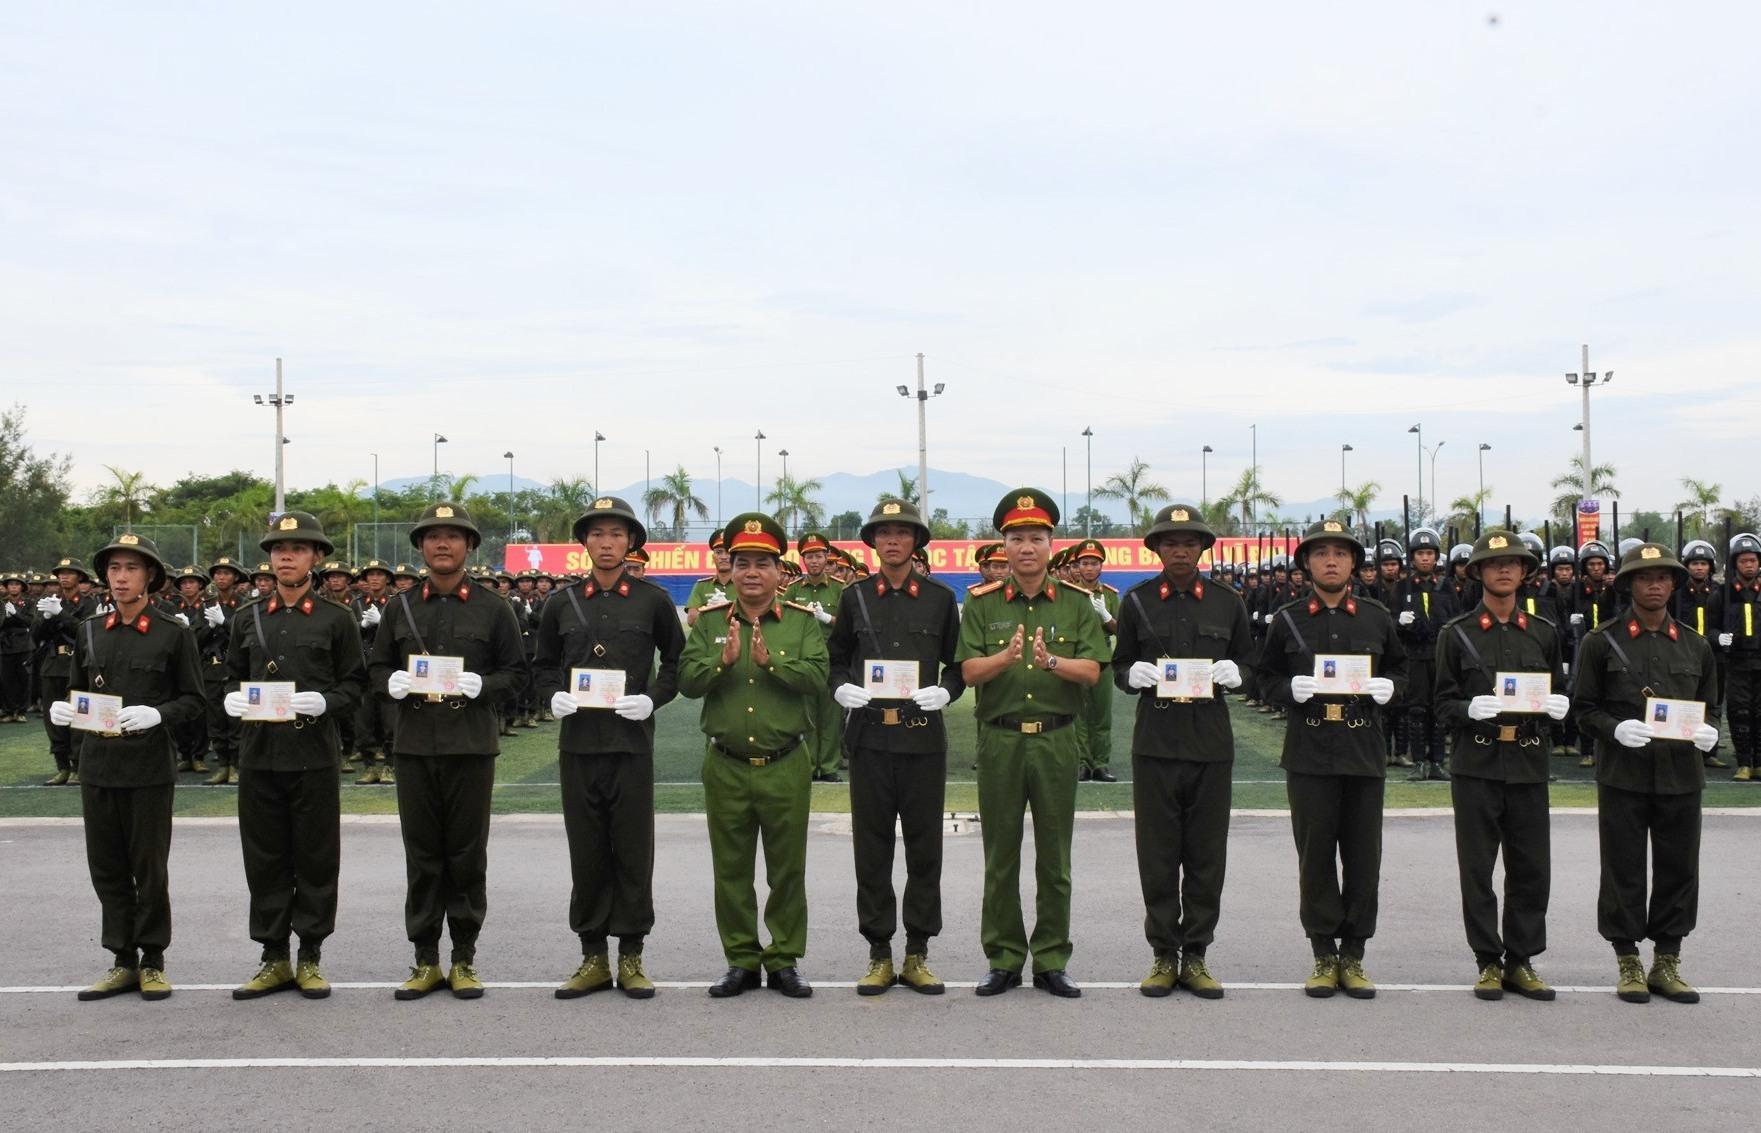 Trao chứng chỉ hoàn thành chương trình huấn luyện cho các chiến sĩ nghĩa vụ tham gia công an năm 2021.